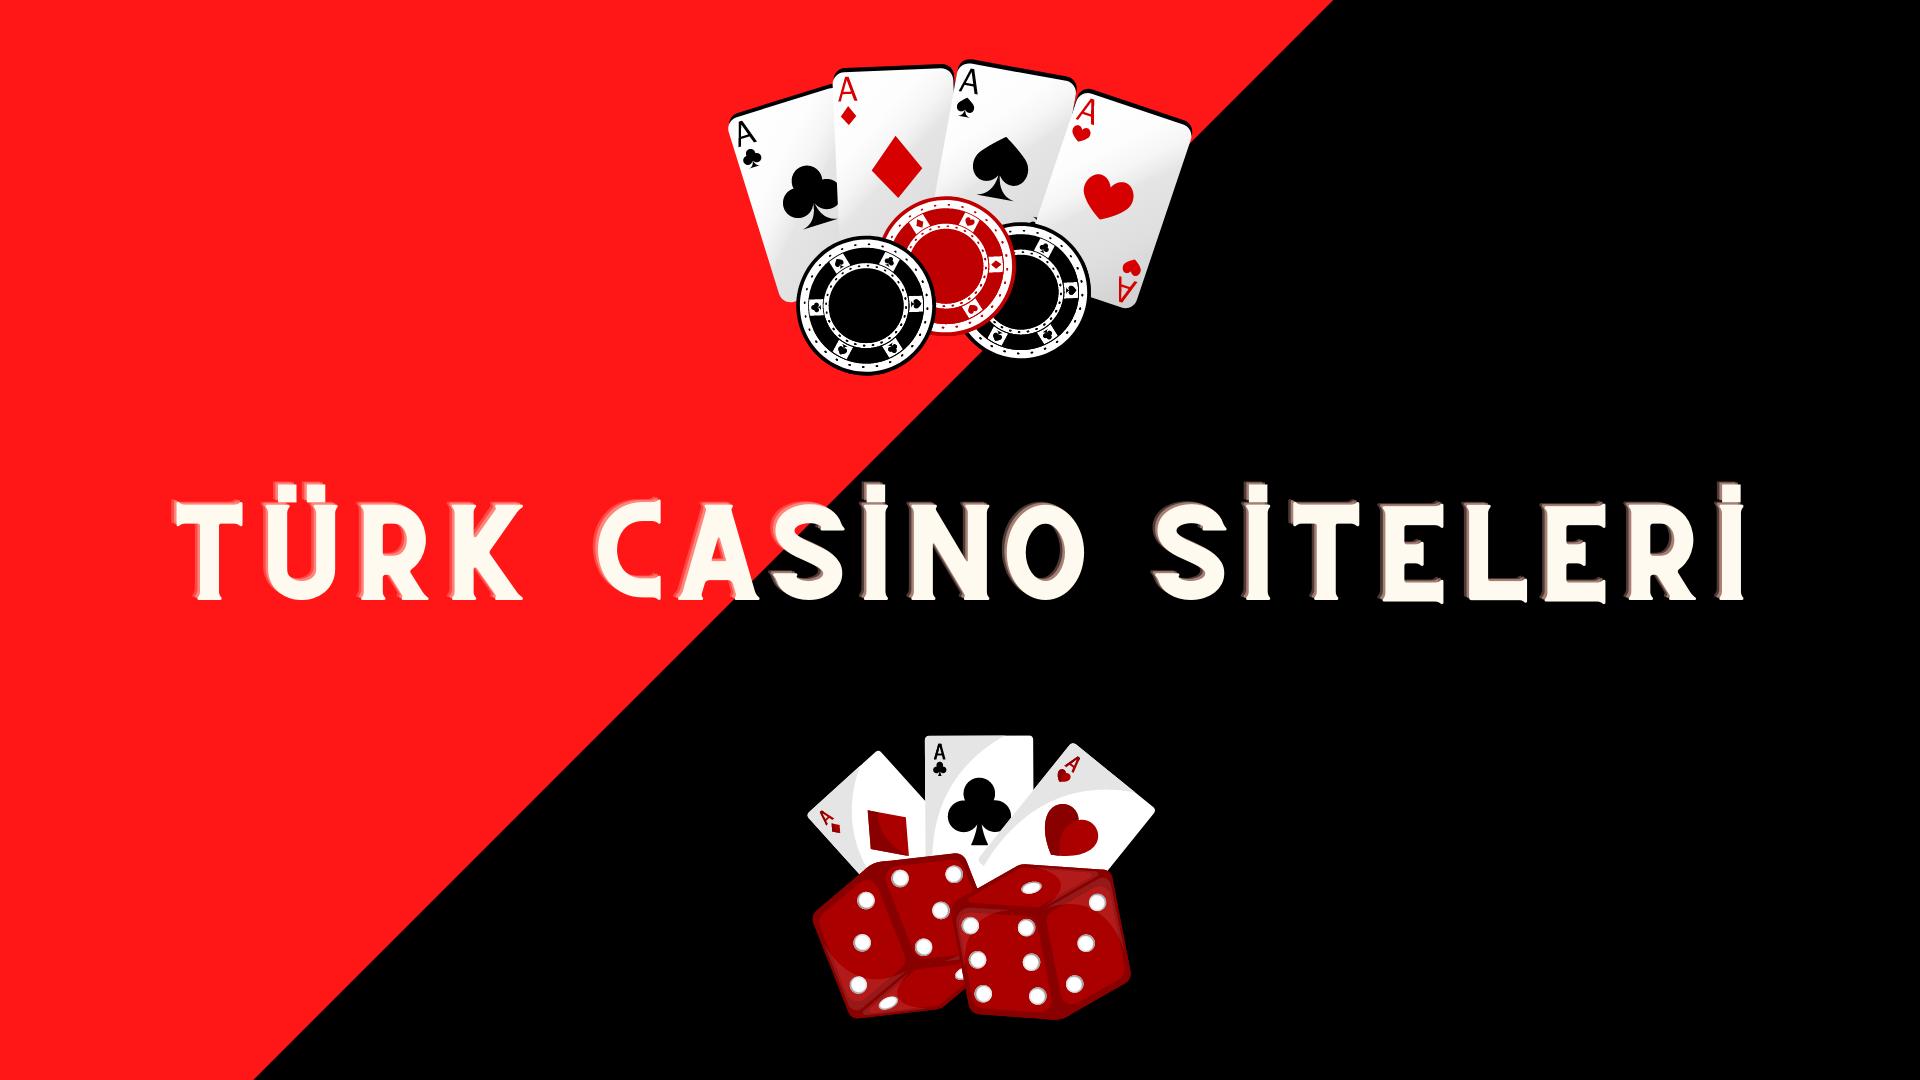 Türk Casino Siteleri - En Güvenilir Casino Siteleri